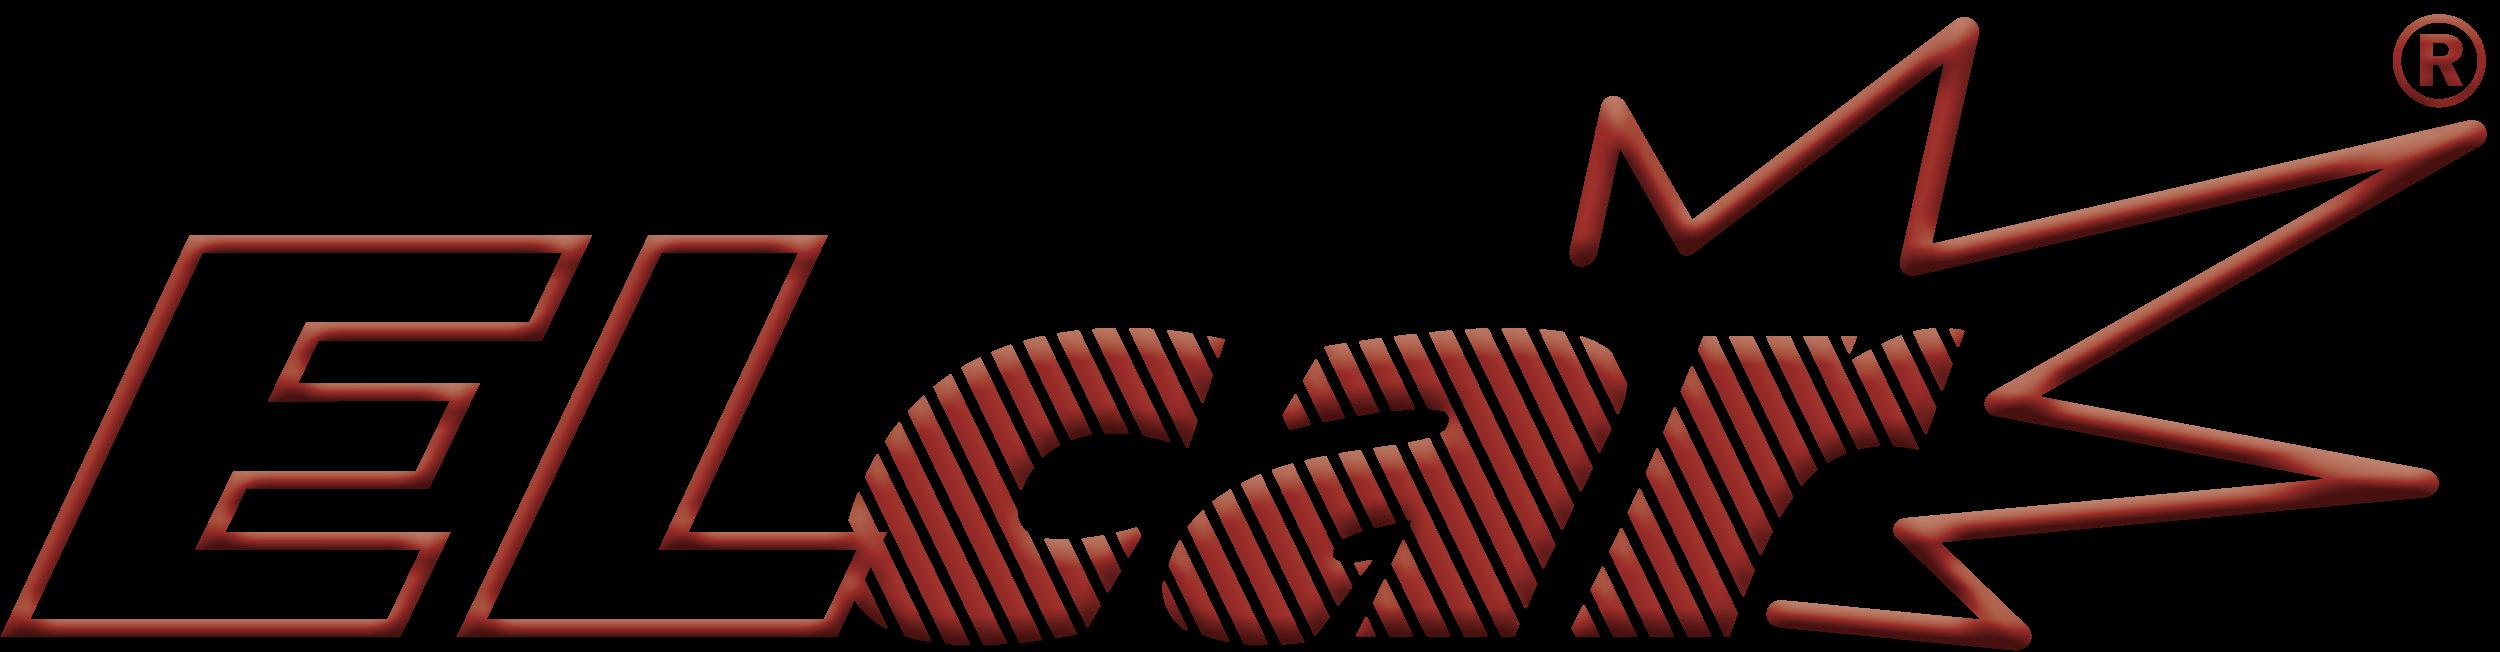 Elcar.cz